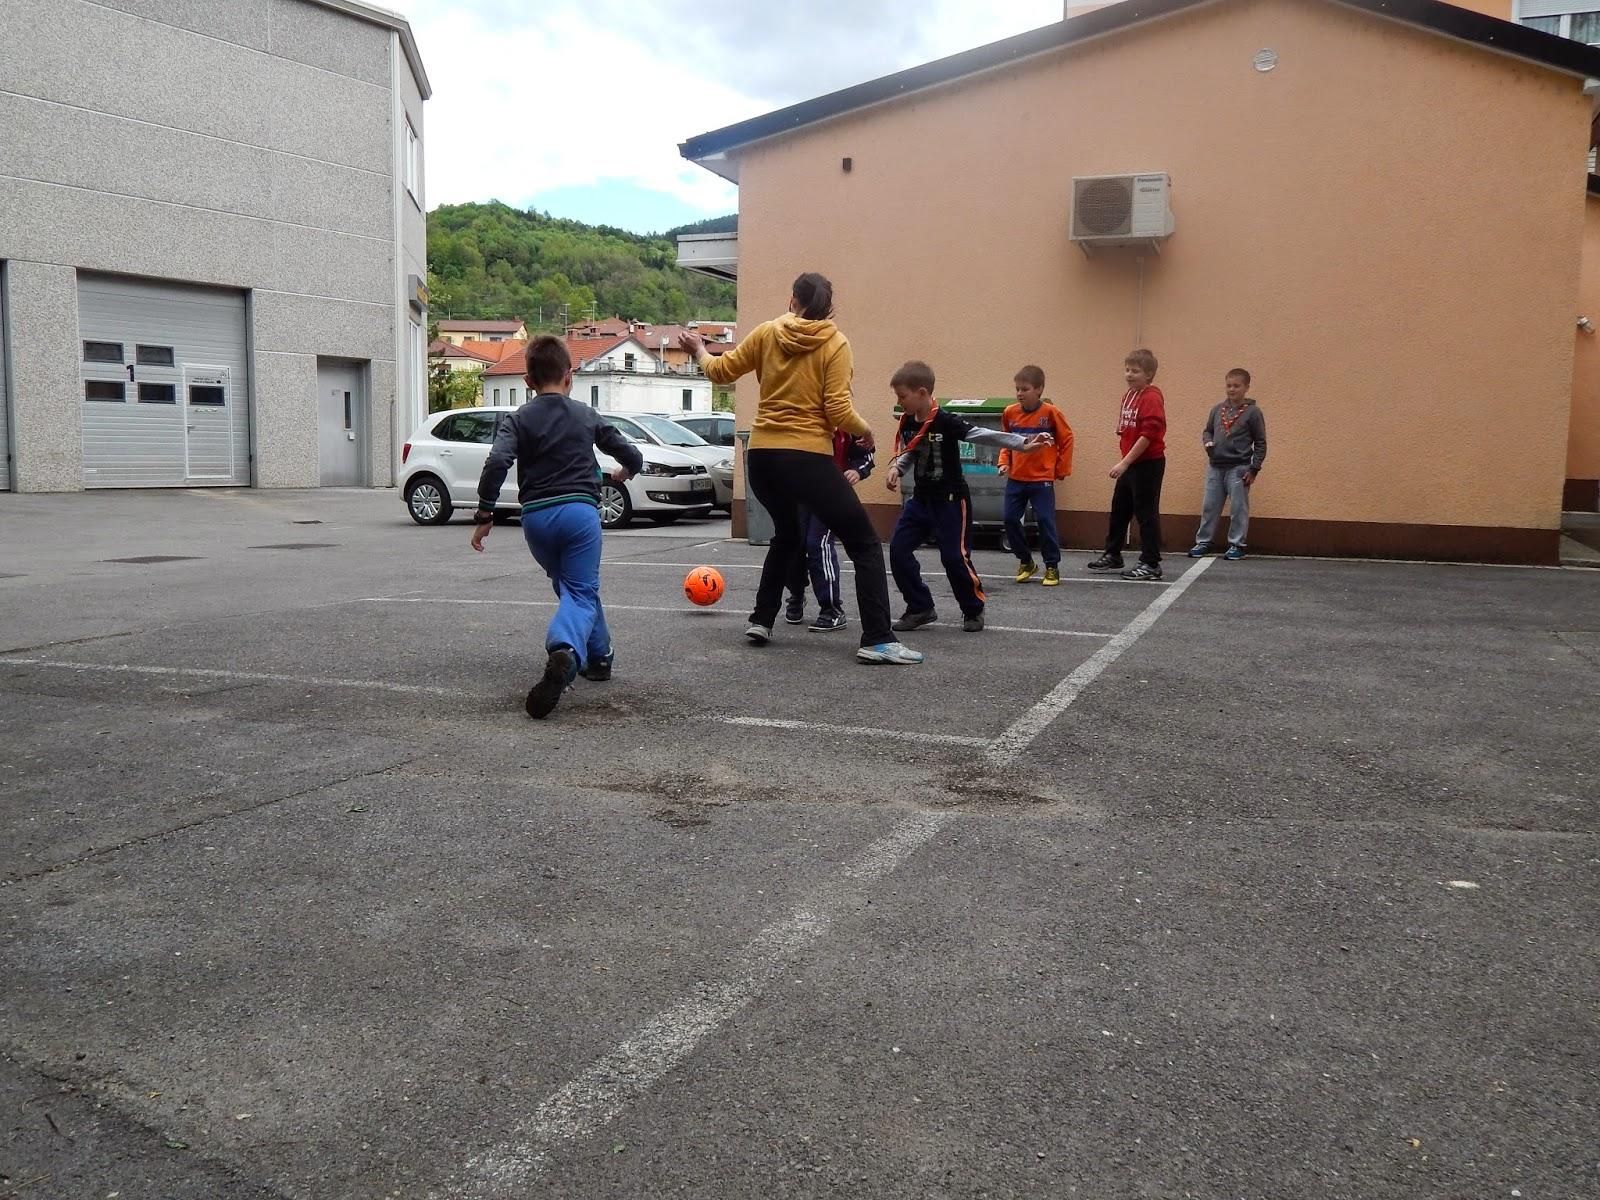 Čistilna akcija 2014, Ilirska Bistrica 2014 - DSCN1718.JPG